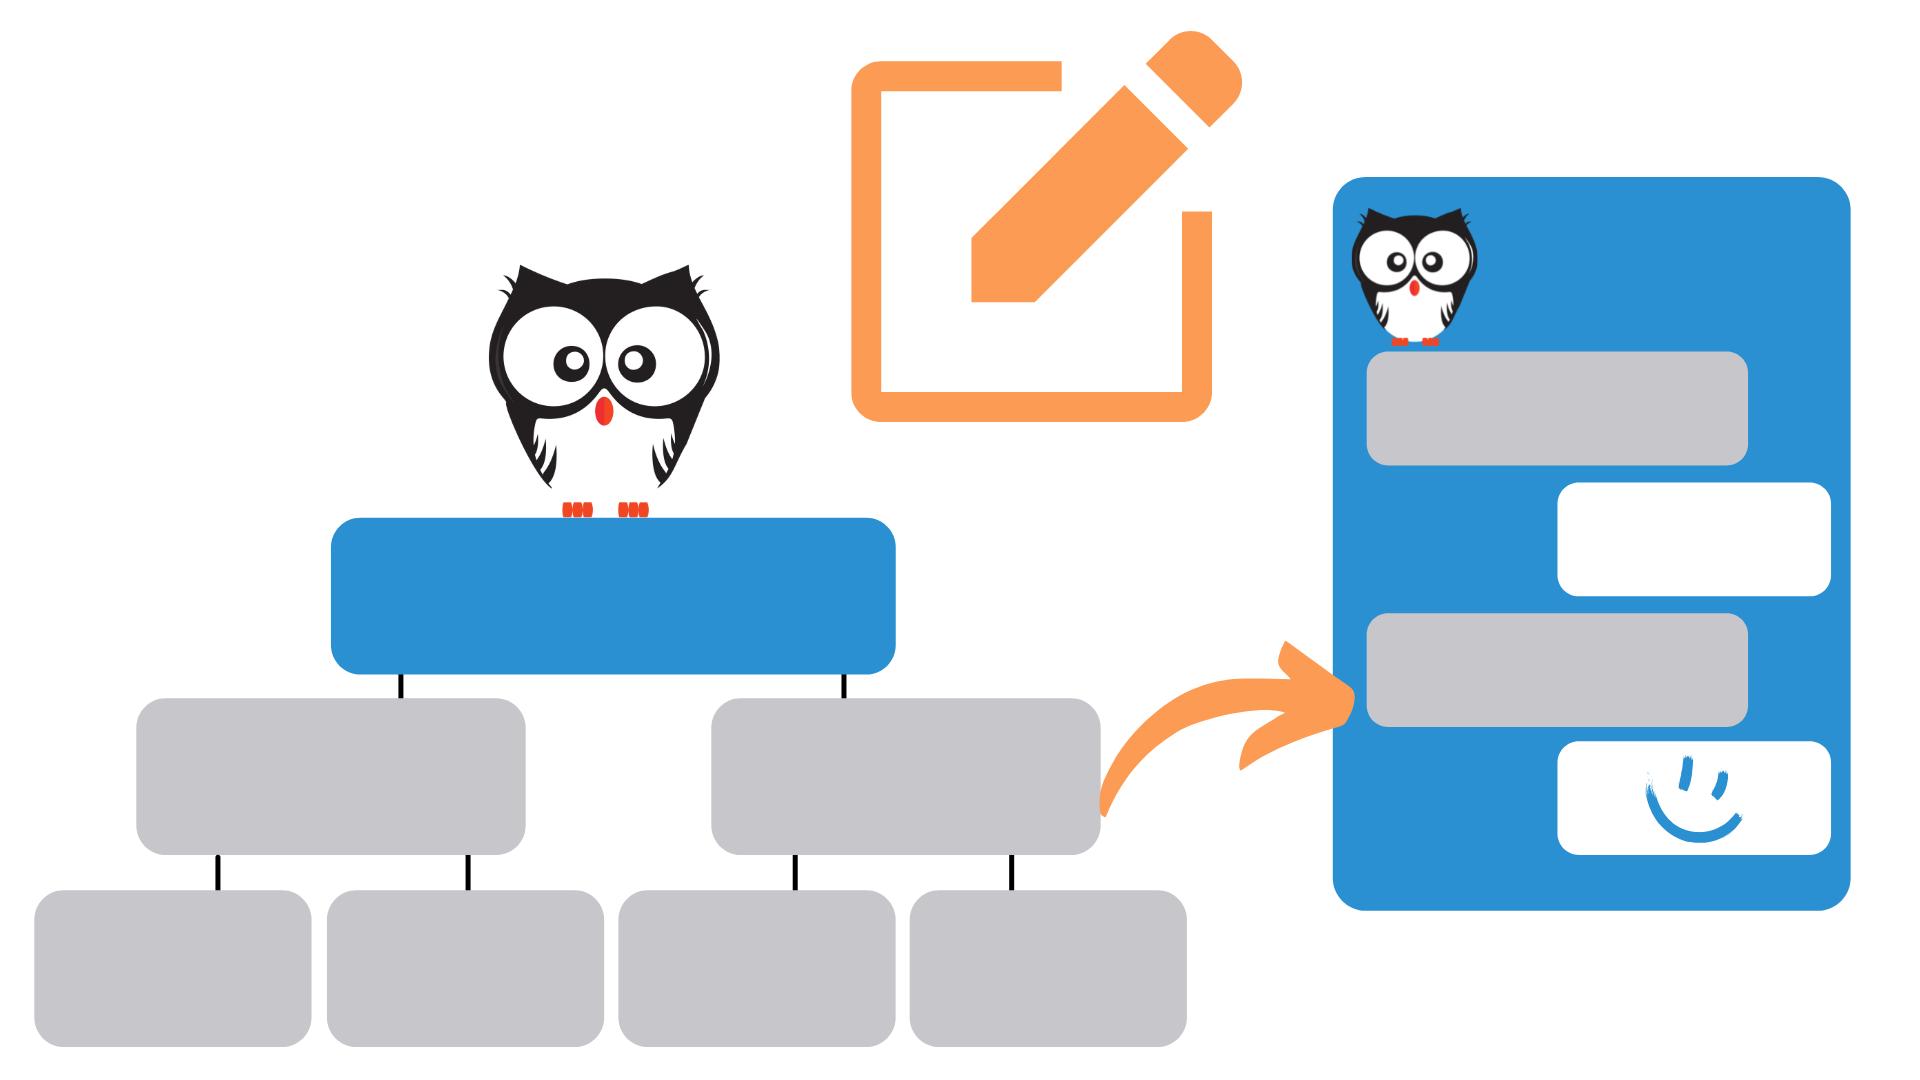 Boxen und Chatfenster symbolisieren den Chatbot Editor Von Kauz